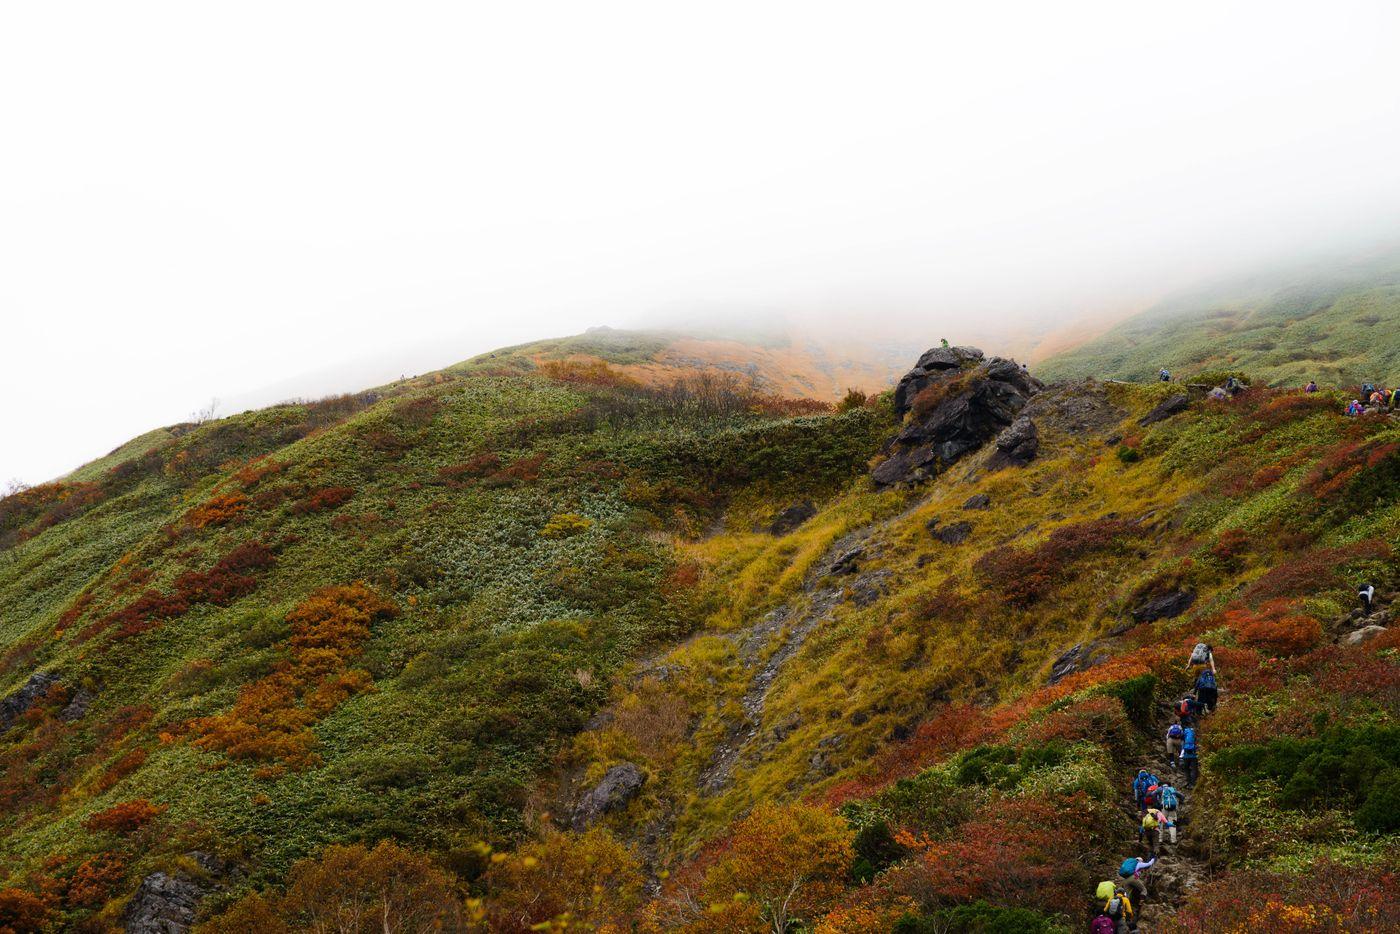 黄葉する秋の谷川岳と登山者の姿の写真